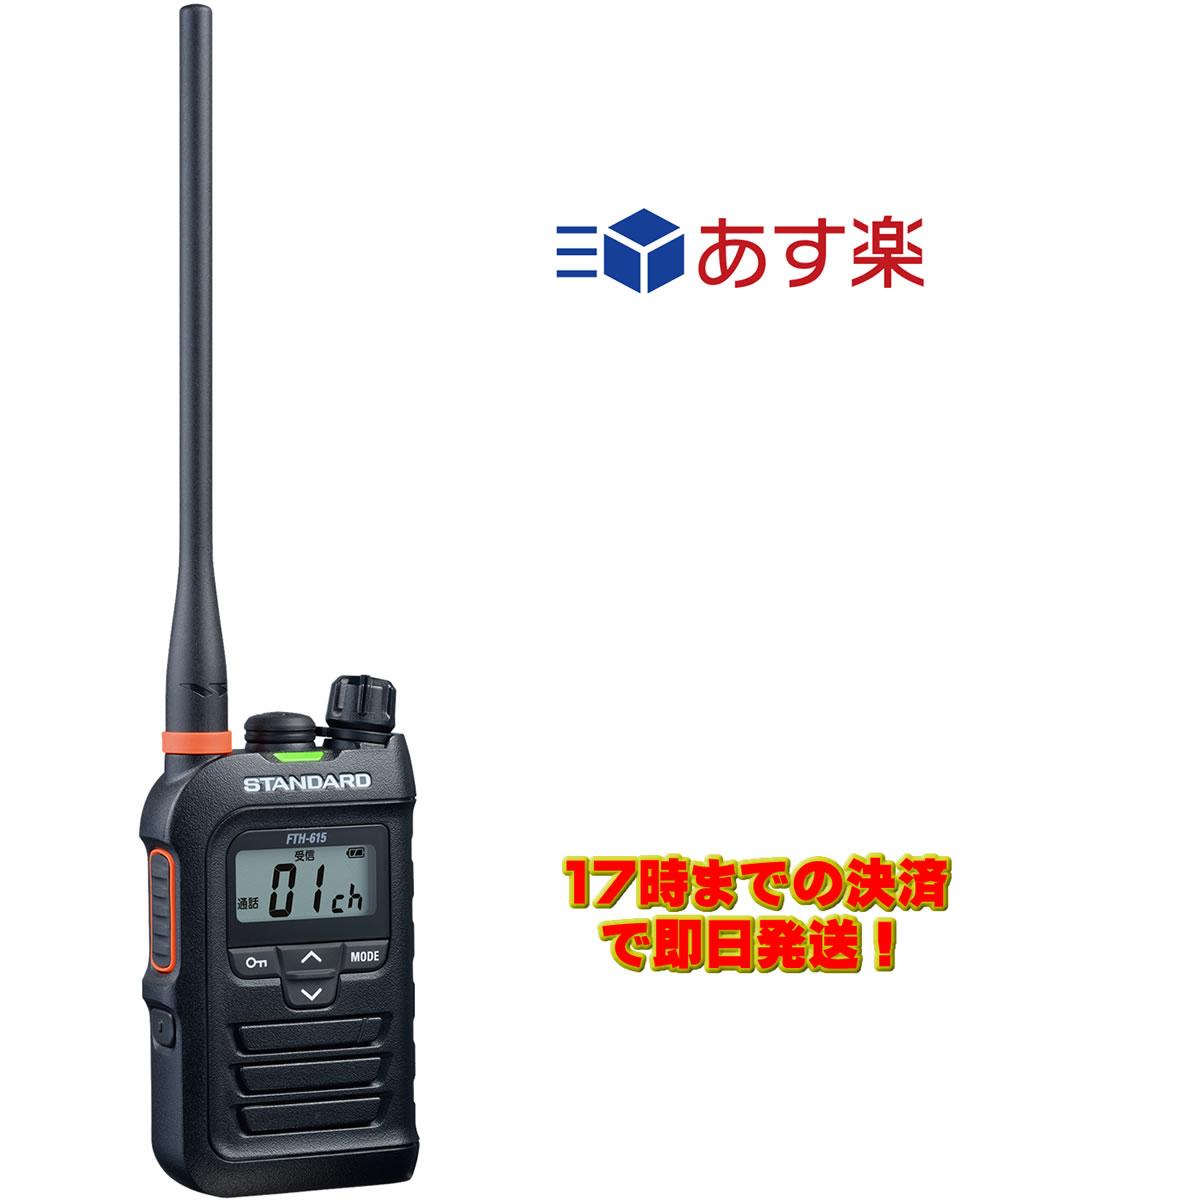 【ラッキーシール対応】 FTH-615L スタンダード 特定小電力トランシーバー